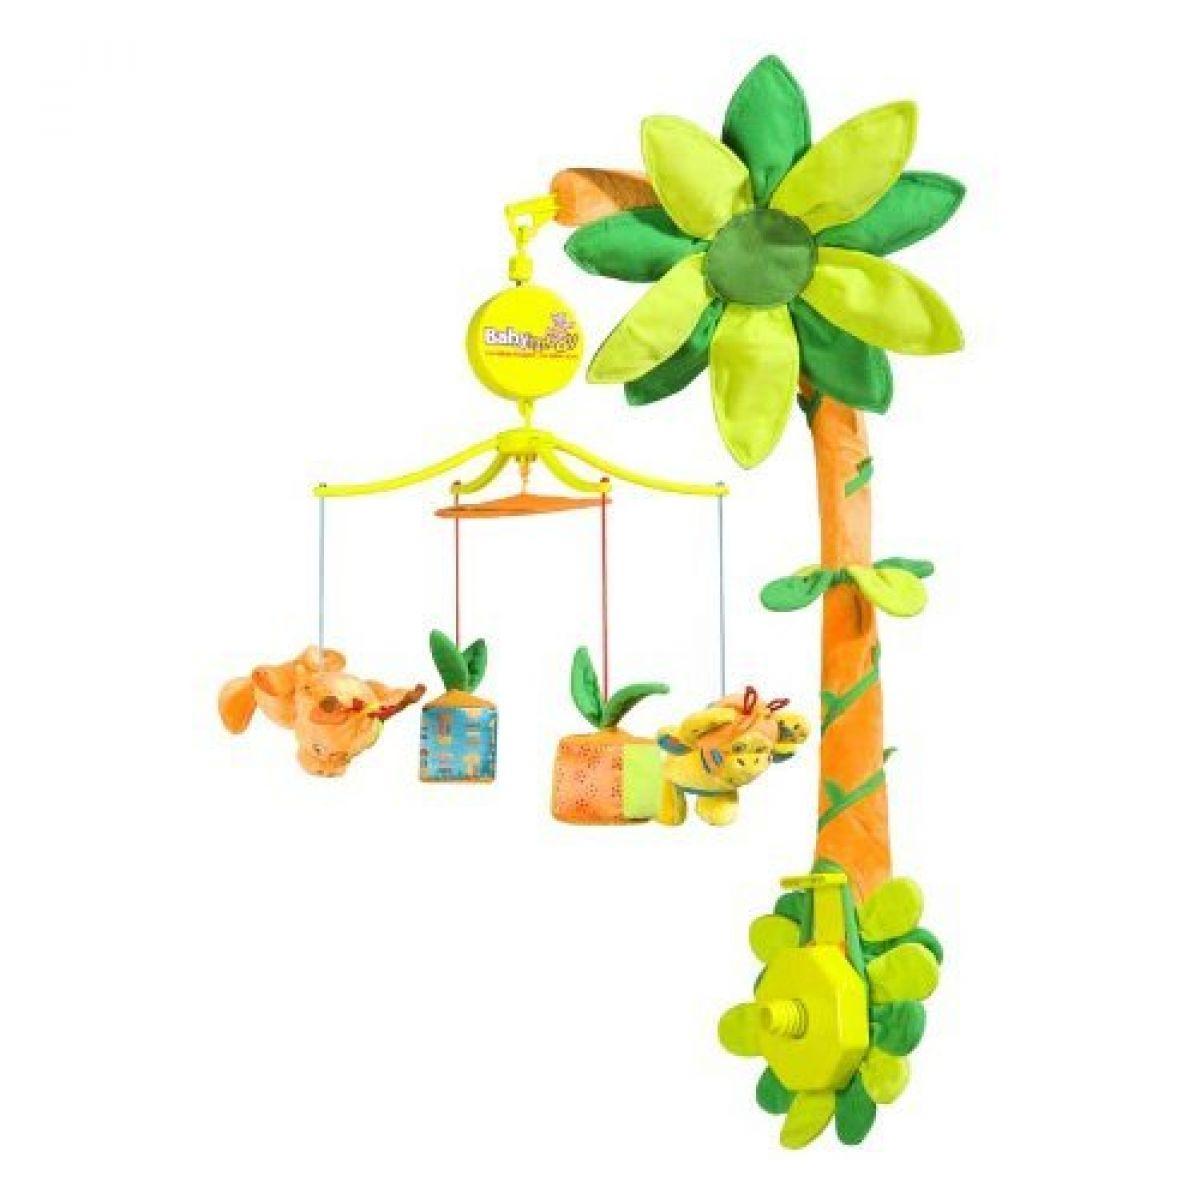 Babymoov hrající kolotoč jungle orange